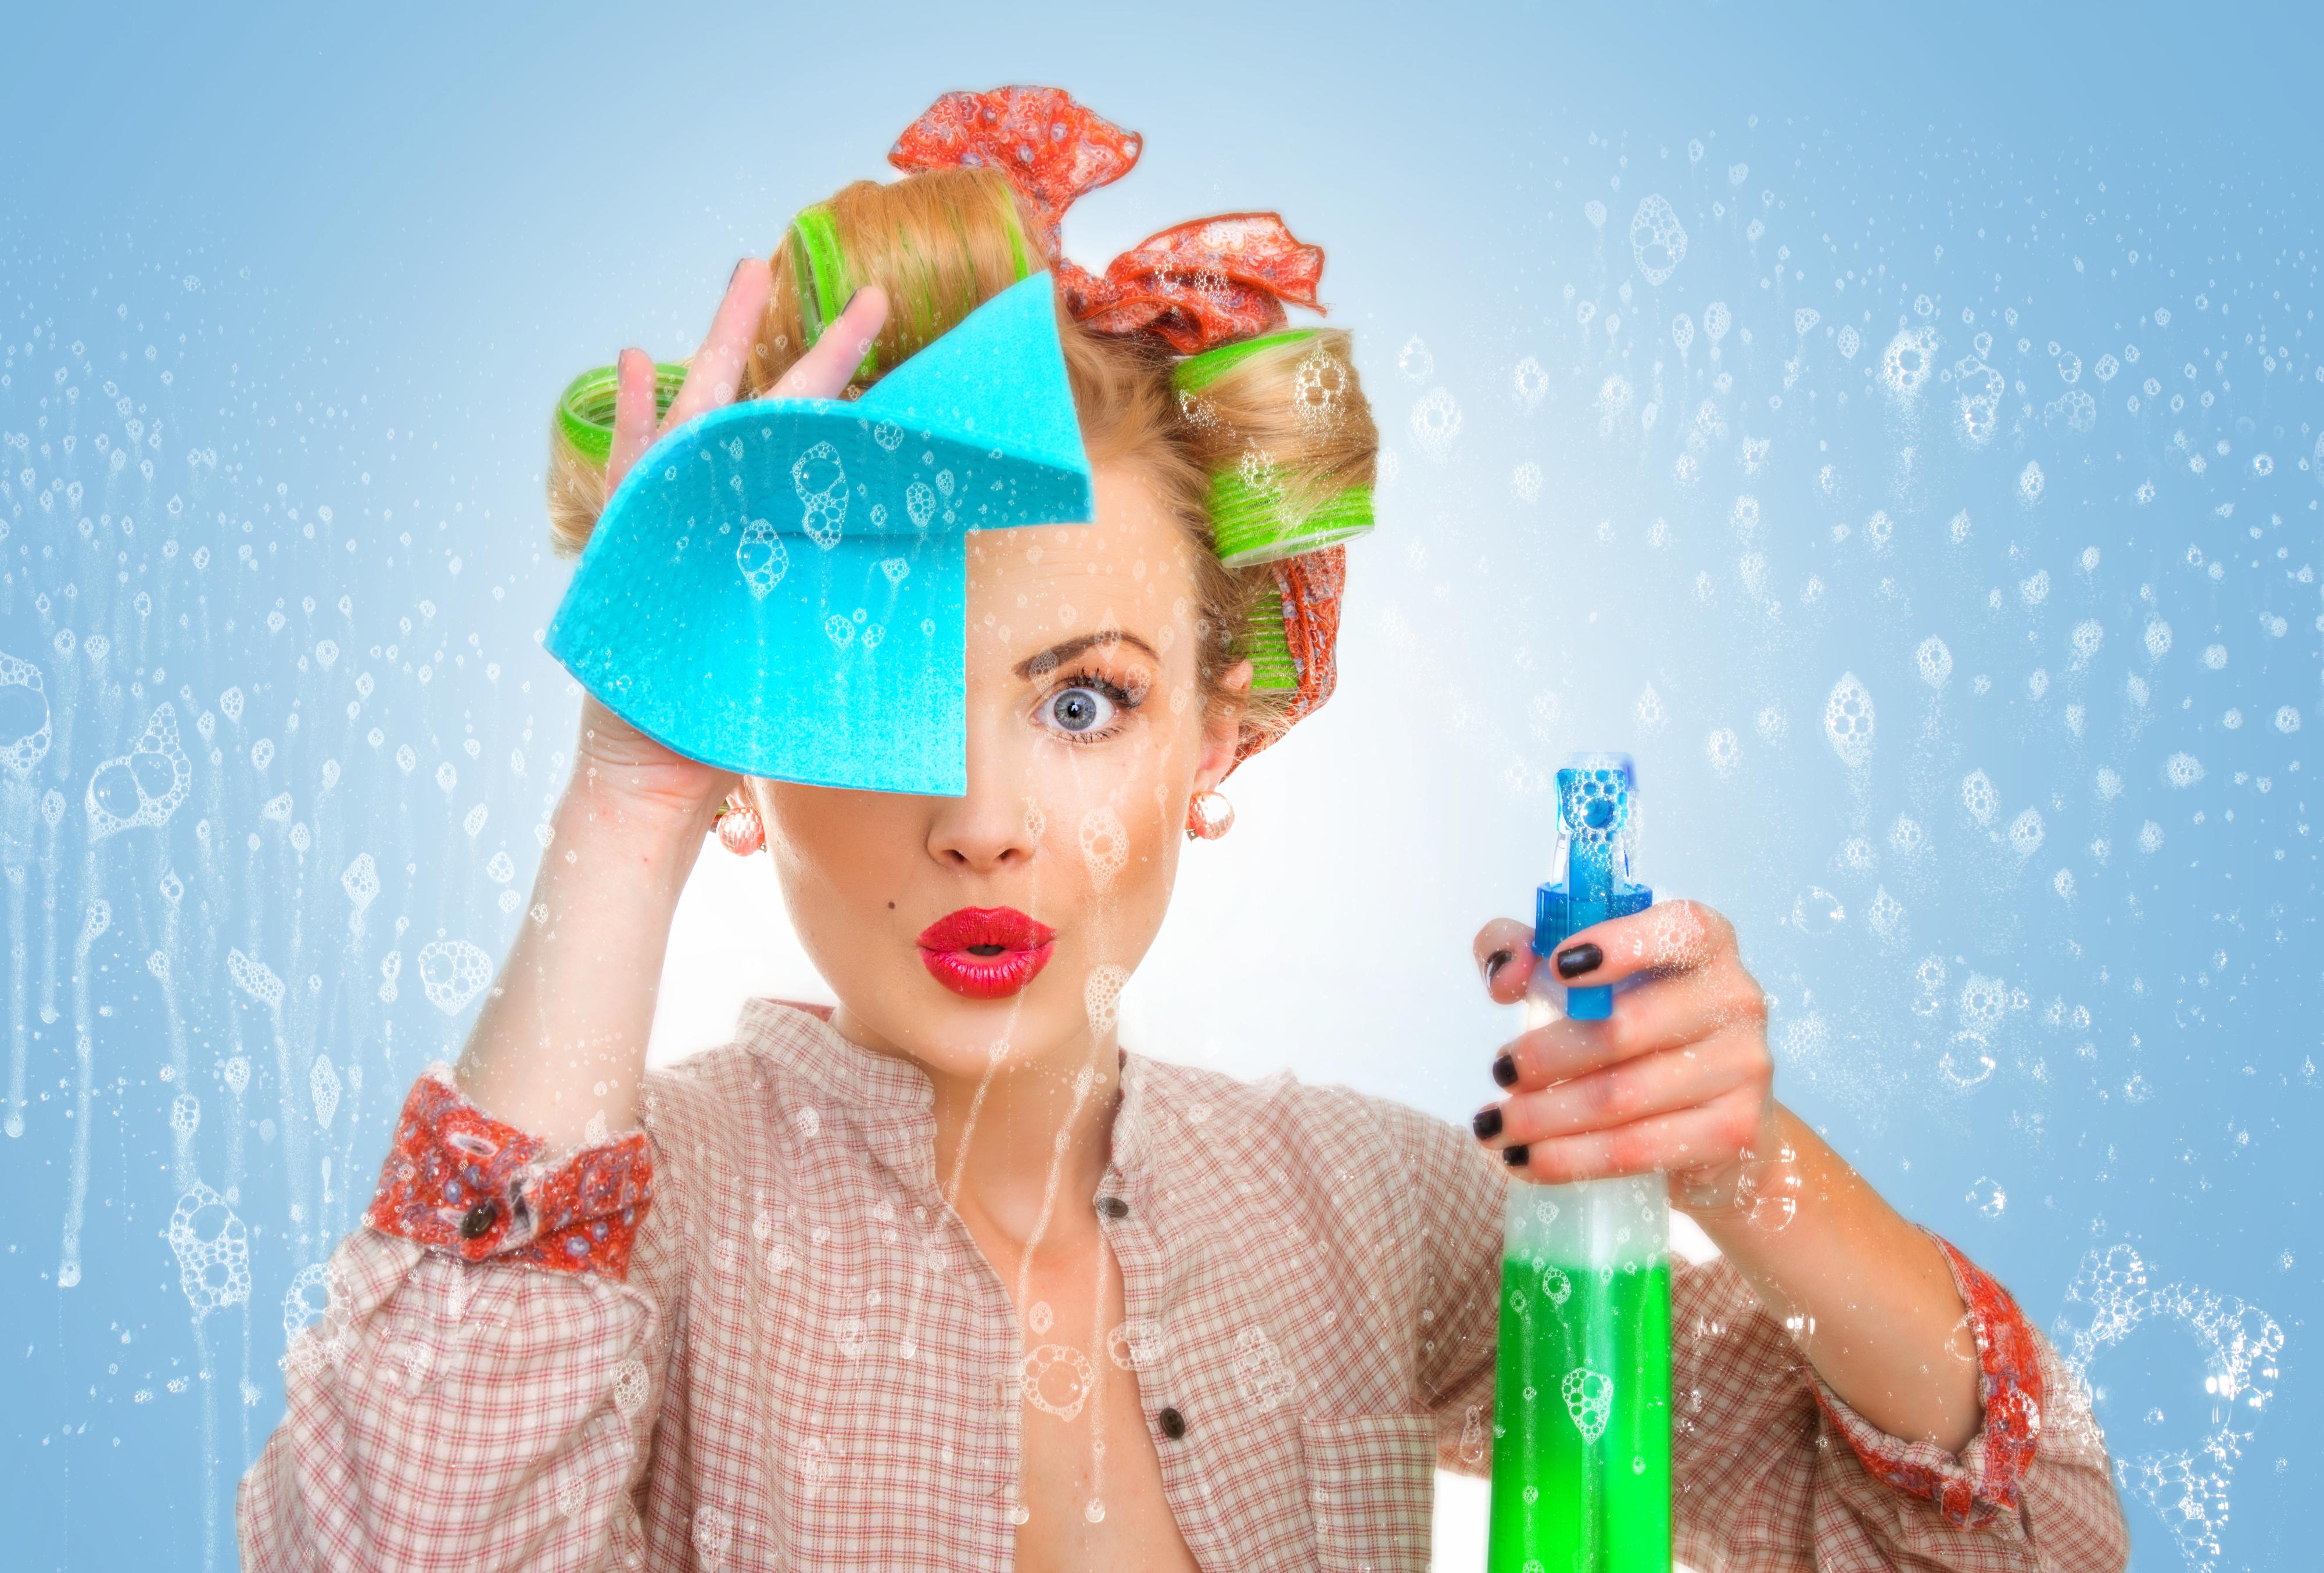 So viele Kalorien verbrennst du beim Putzen